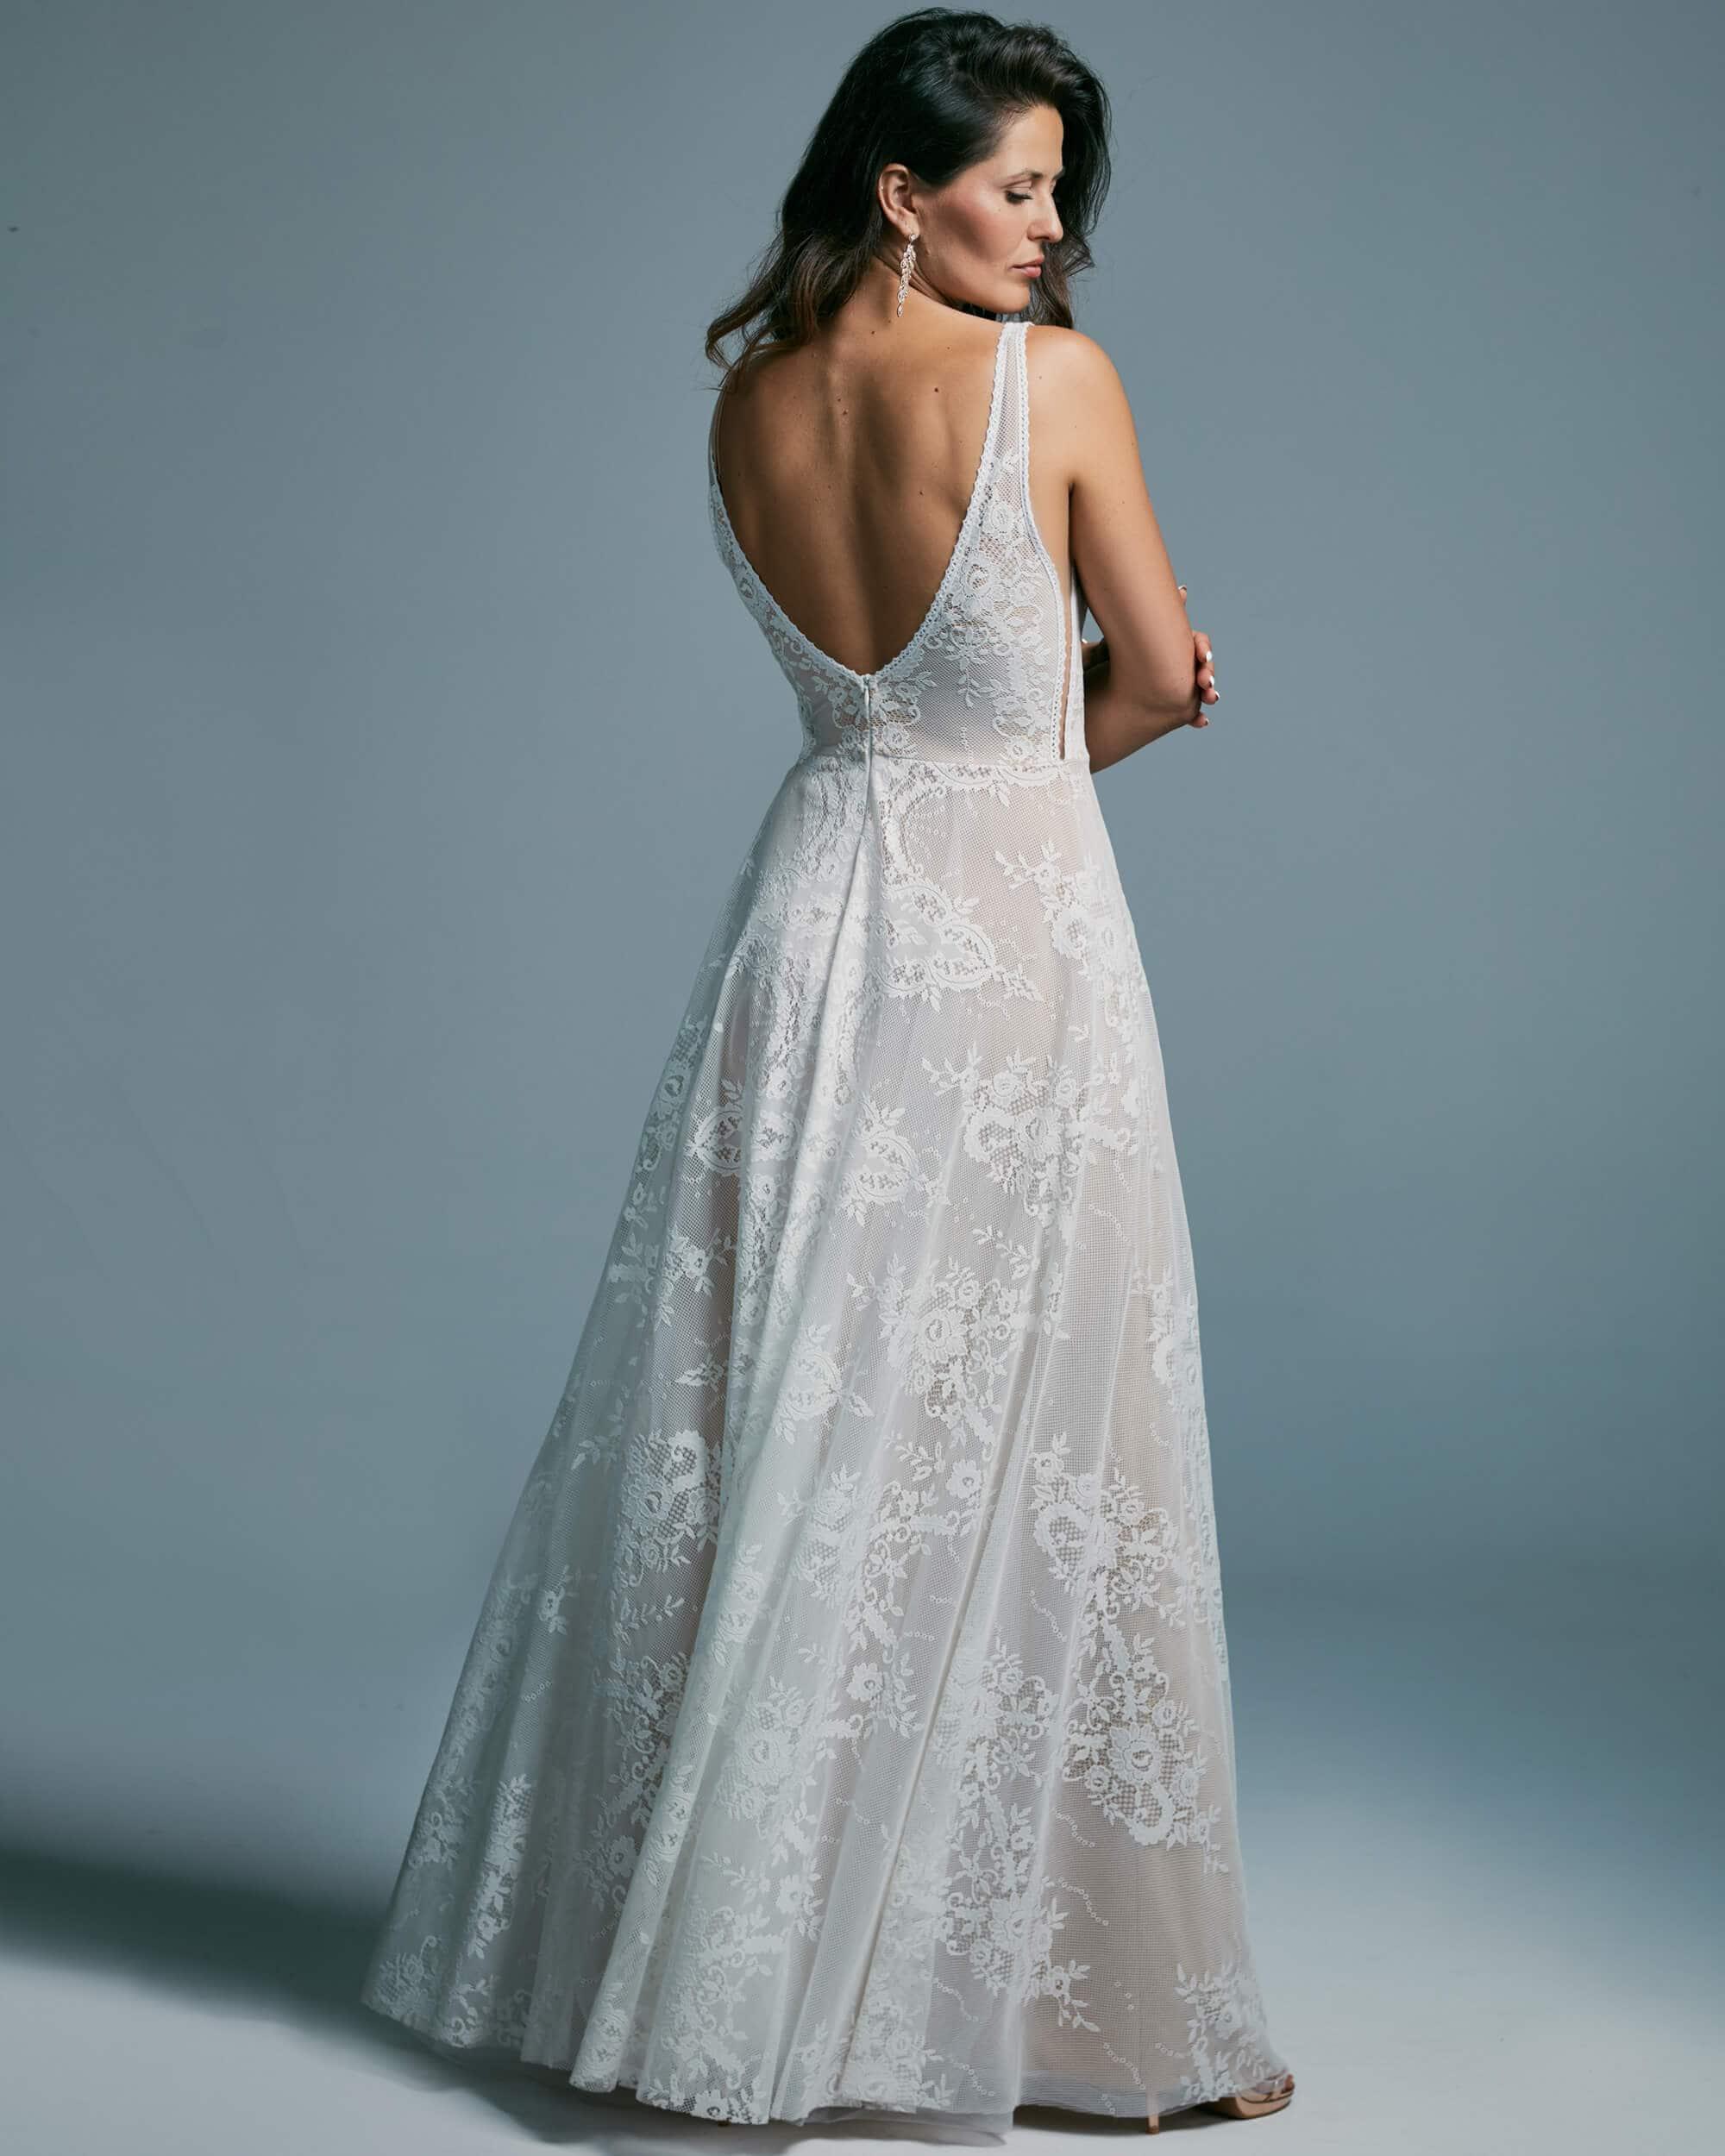 Suknia ślubna dla odważnych pań, wydłużająca sylwetkę - Porto 48